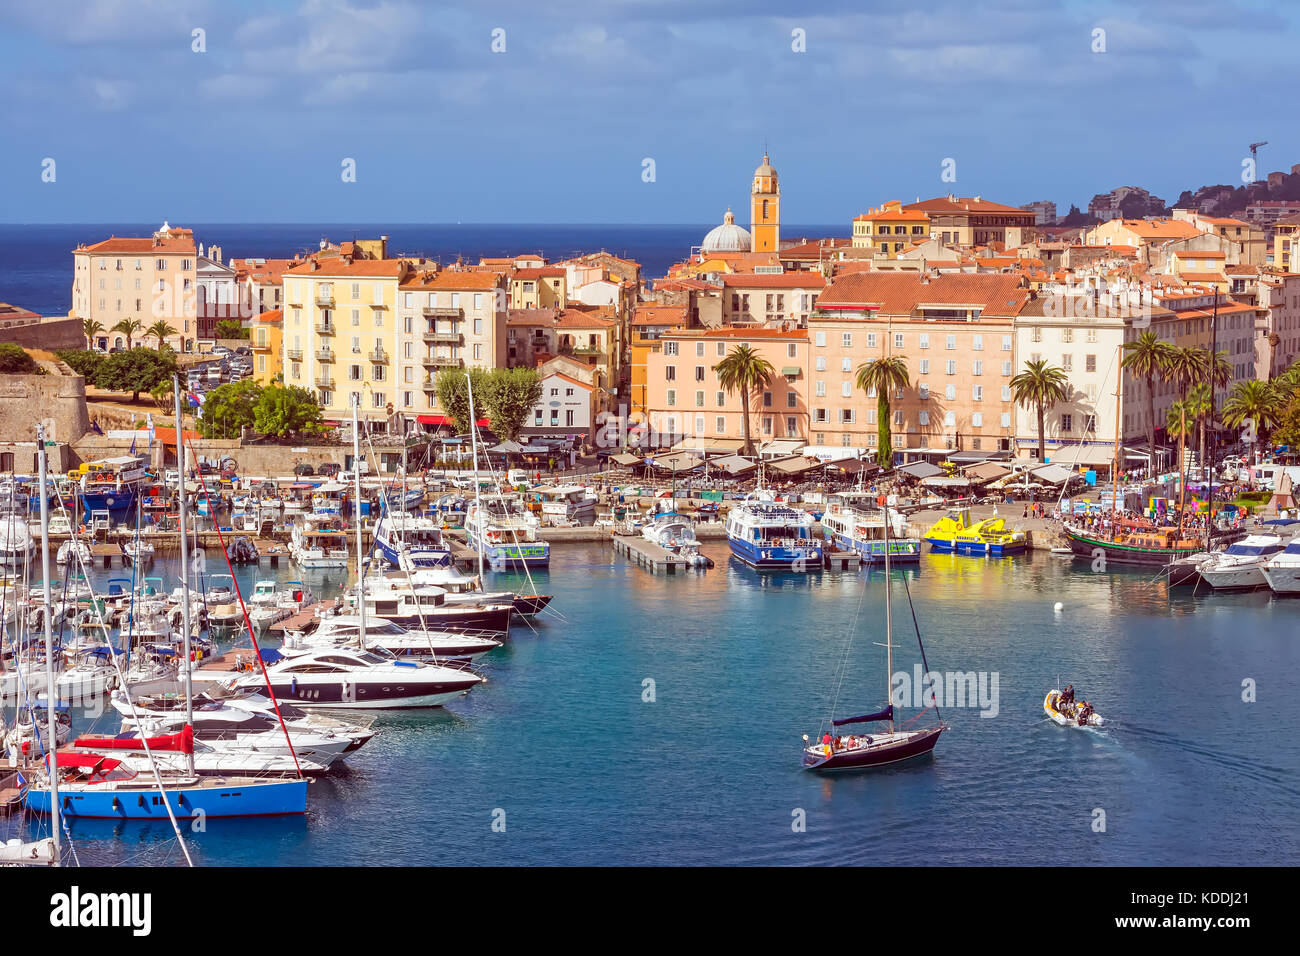 Au-dessus de regarder sur Ajaccio marina et de la vieille ville, Corse, France. Photo Stock